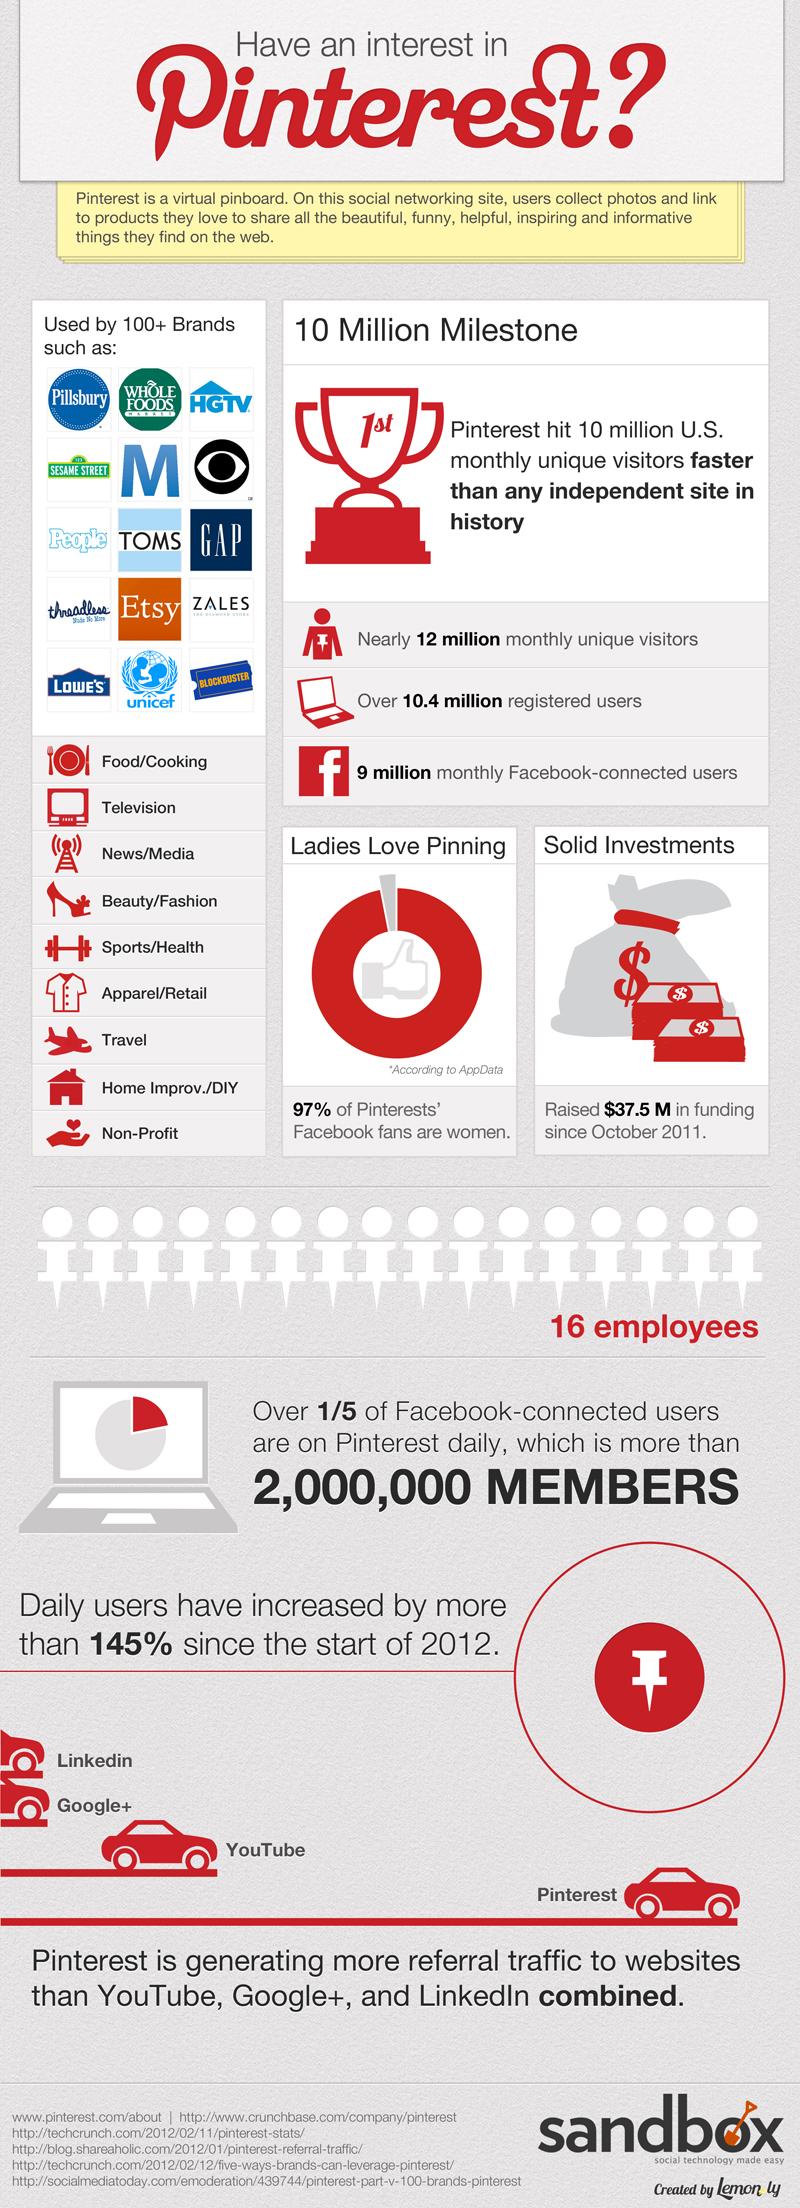 Pinterest faits chiffres et statistiques 2012